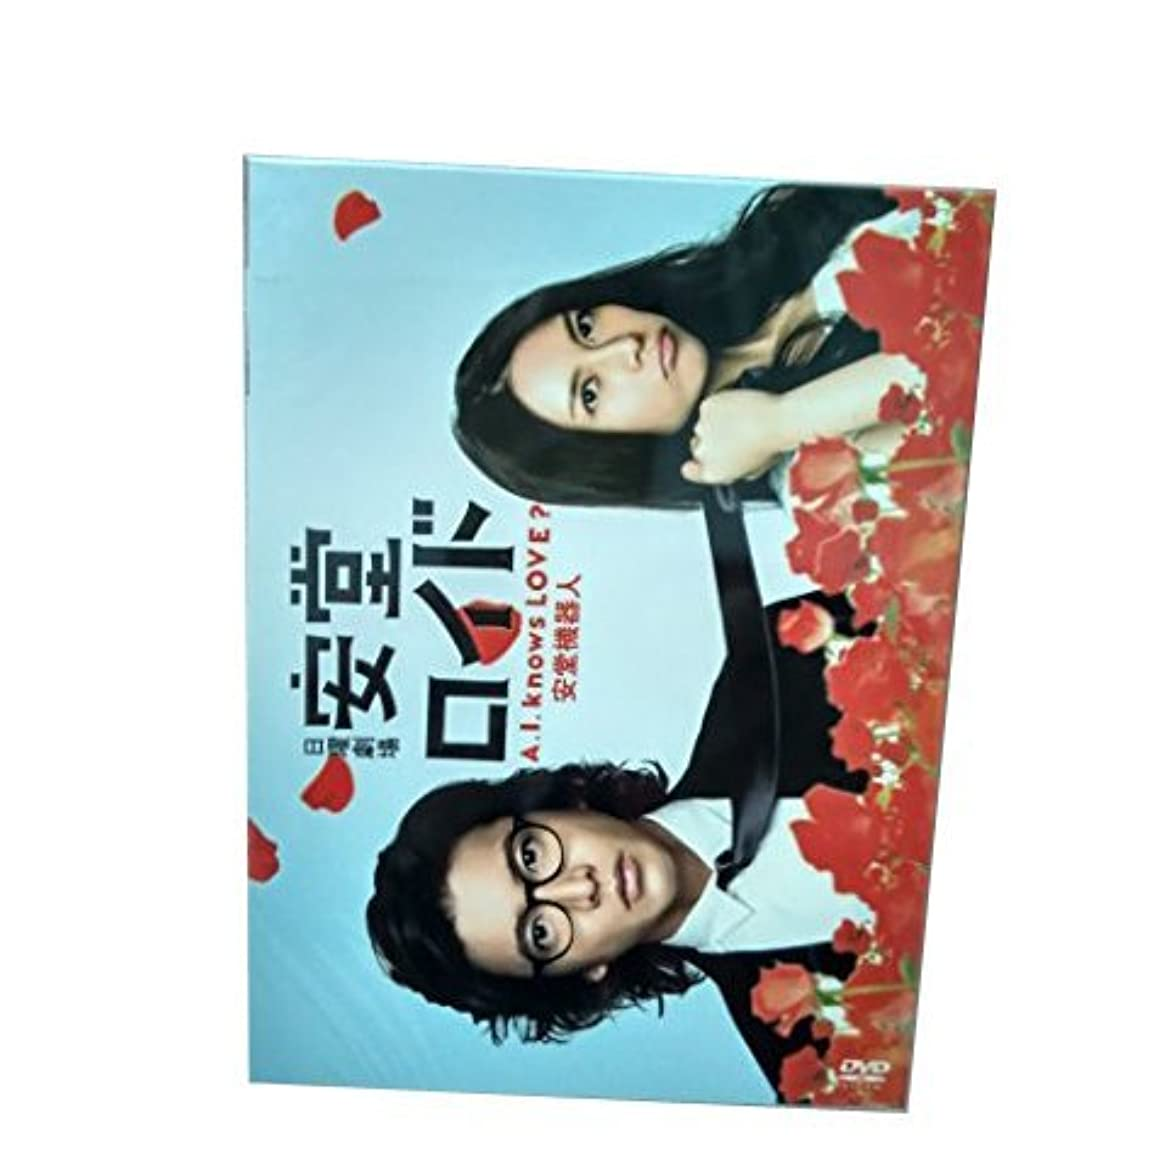 宿泊施設岩オペラ安堂ロイド~A.I. knows LOVE?~ (2013)